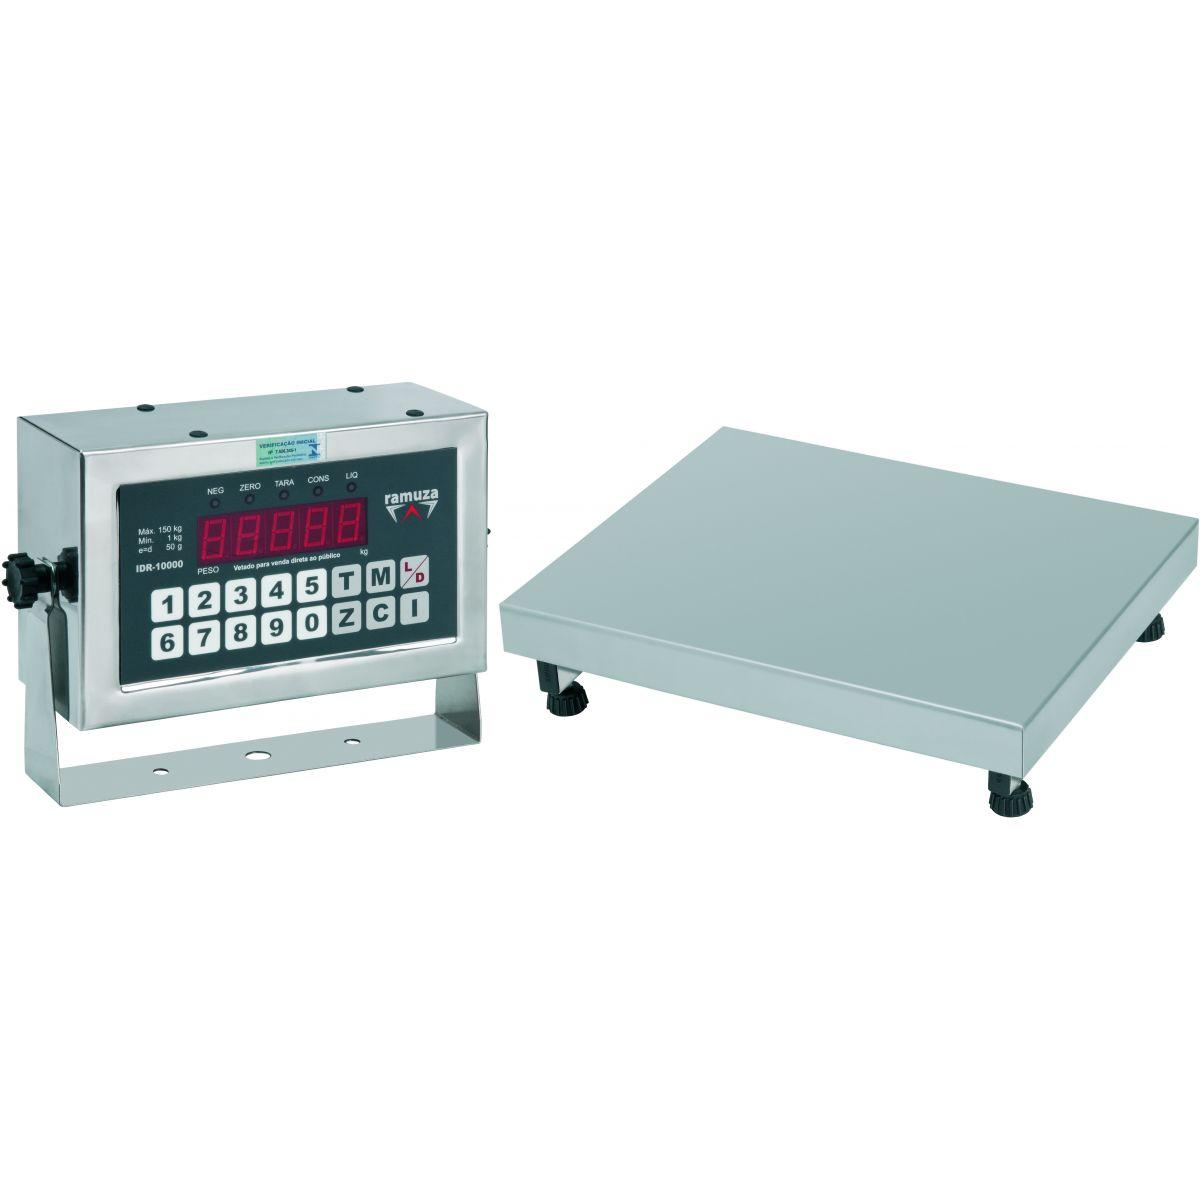 de Aço Inox 304 Ramuza Capacidade de 50kg Base de 30x30cm Idr de Abs #72163C 1200x1200 Balança De Banheiro Em Aço Inox